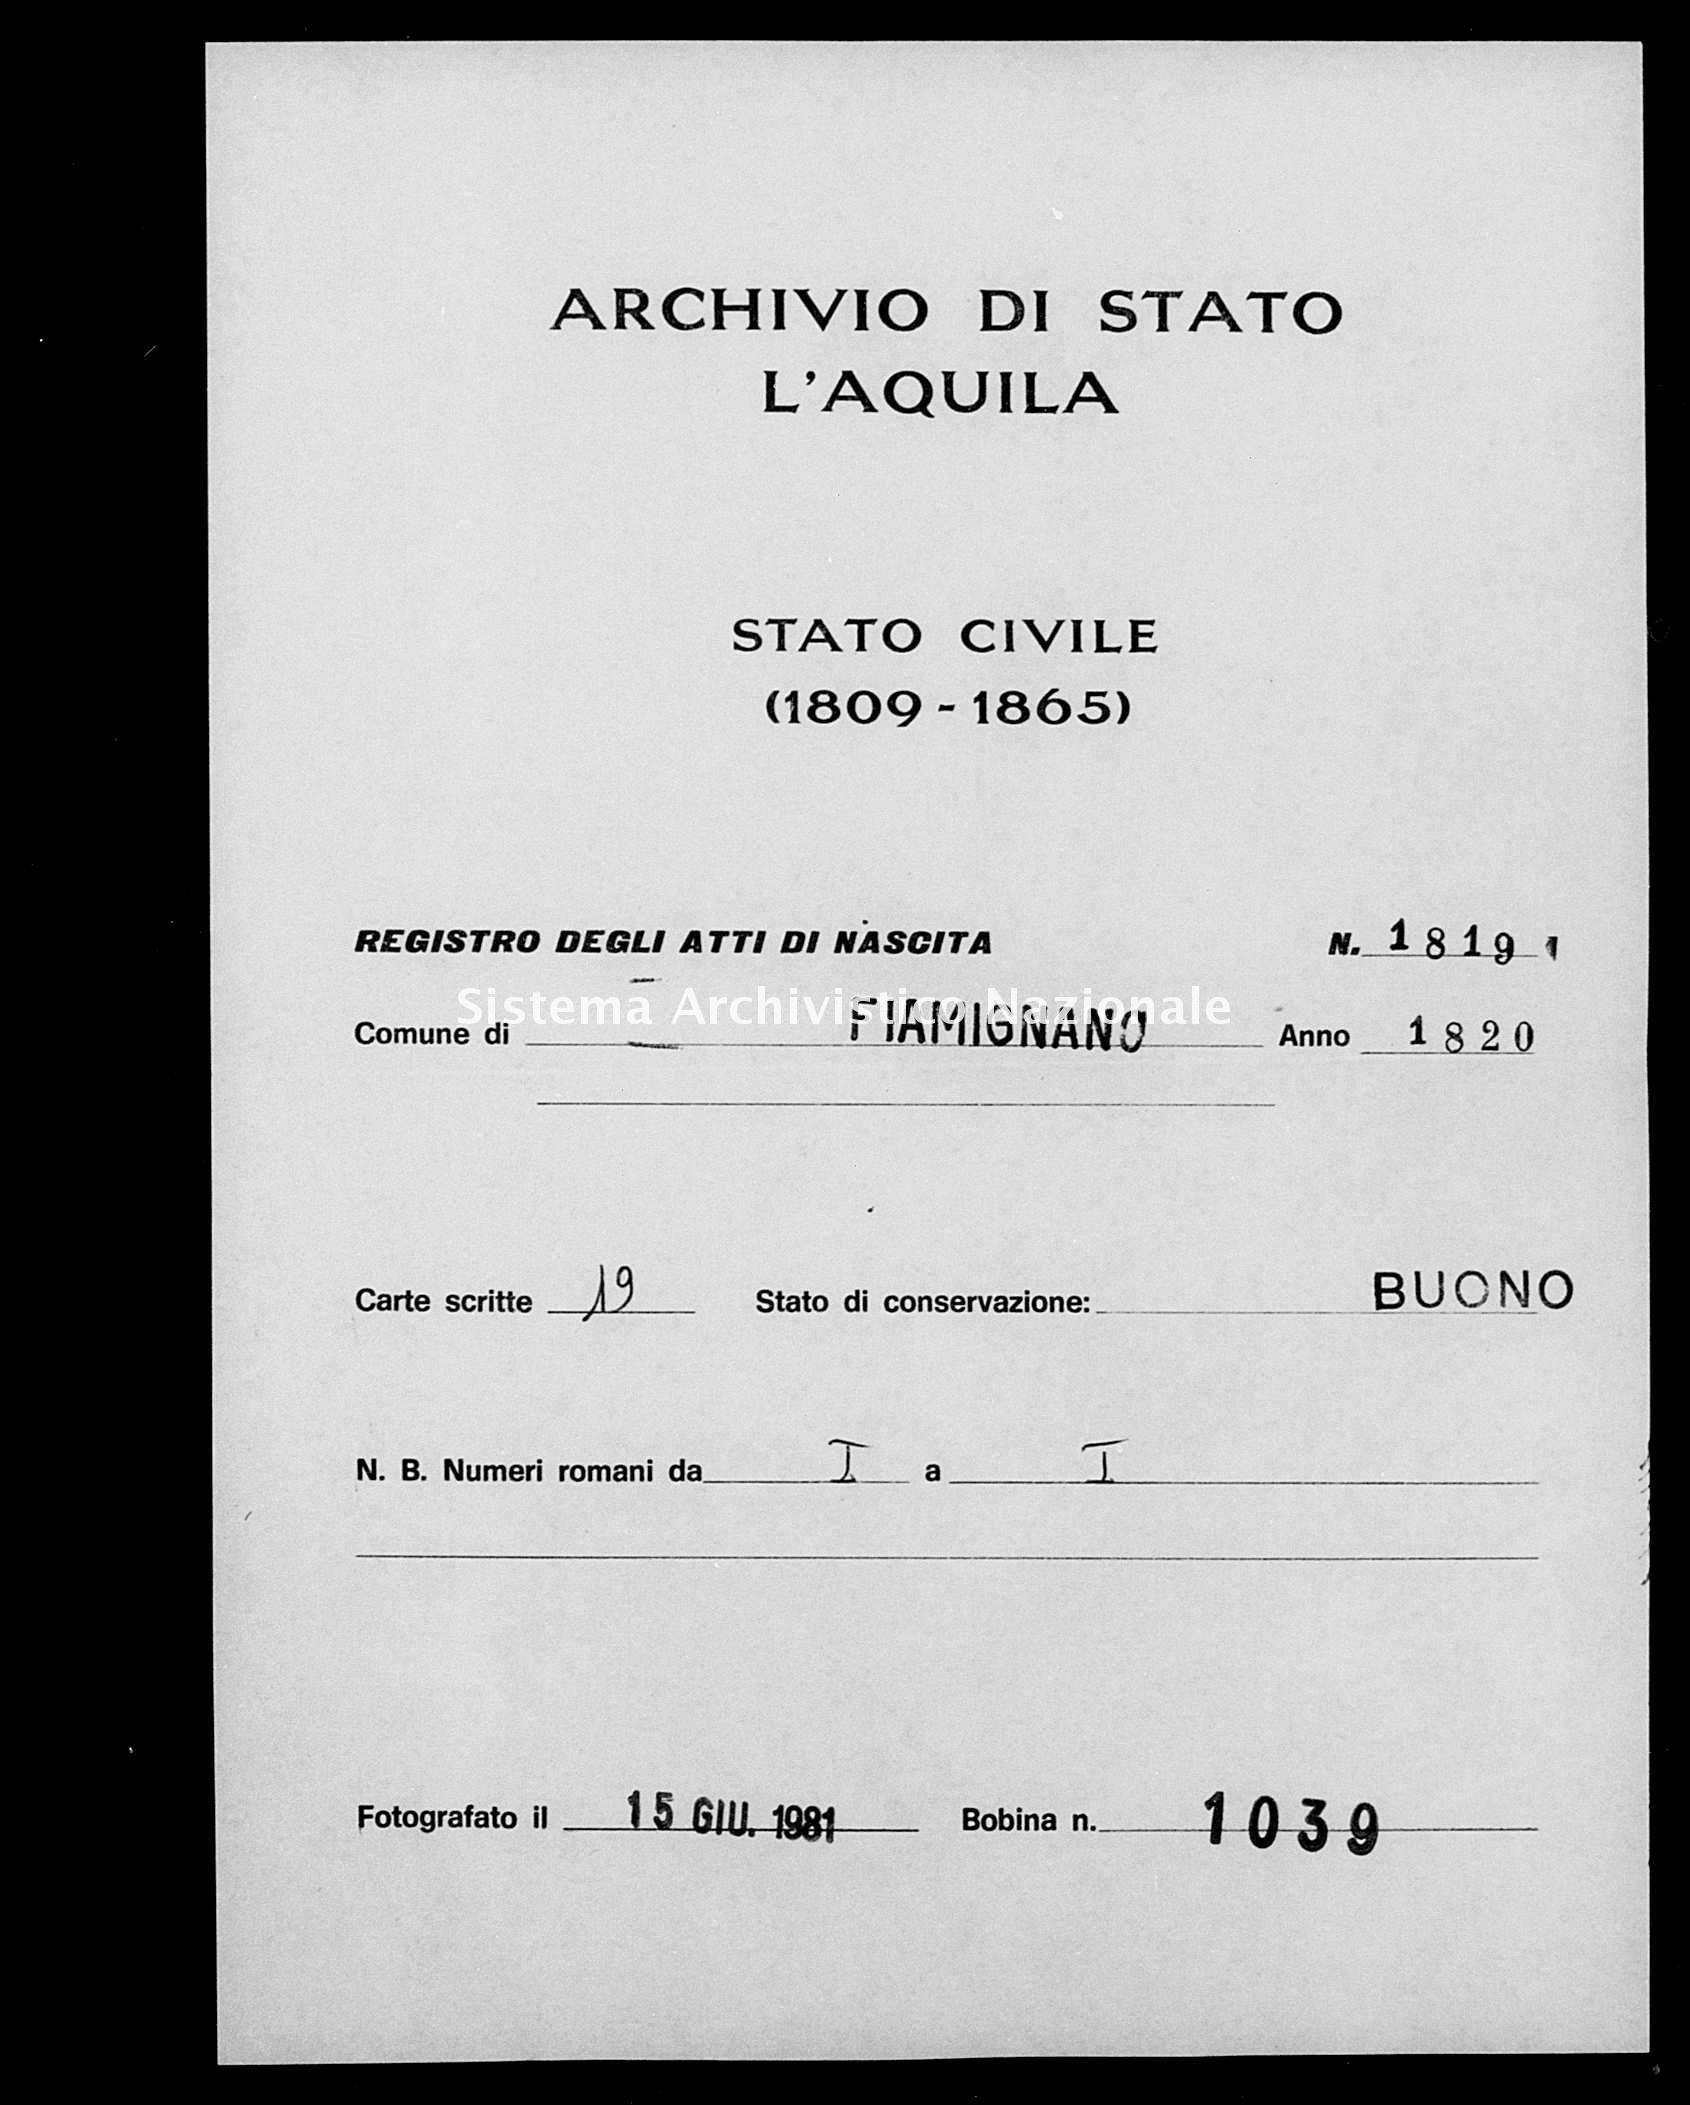 Archivio di stato di L'aquila - Stato civile della restaurazione - Fiamignano - Nati - 1820 - 1819 -